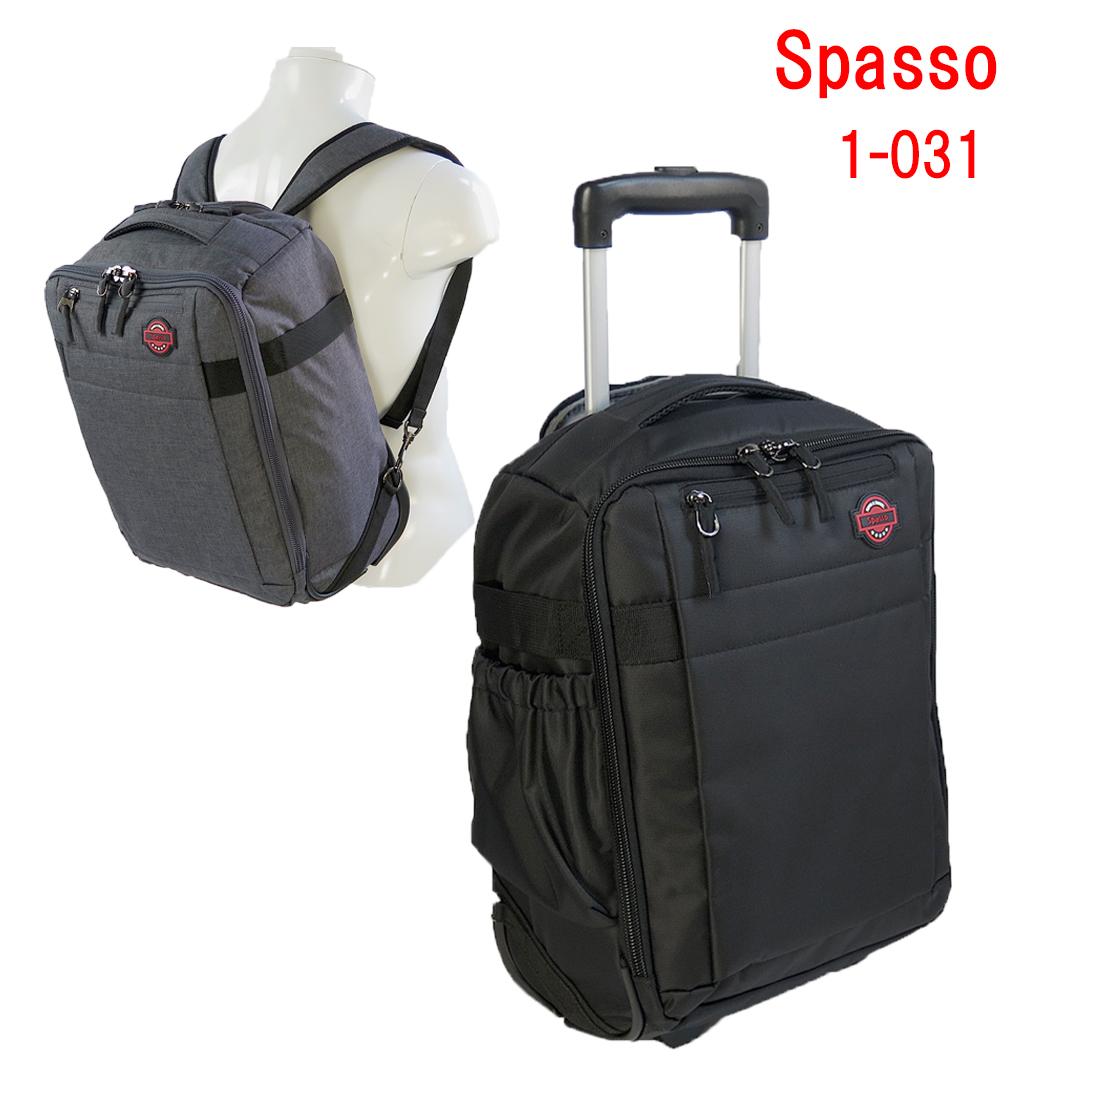 Spasso スパッソ/ステップ2 リュックキャリー(S) 1-031トラベル キャリー Spasso Step2 リュック キャリー ソフト キャリーバッグ 2輪 縦型 16リットル 機内持ち込み サイドポケット タイヤカバー ベルト収納 エンドー鞄